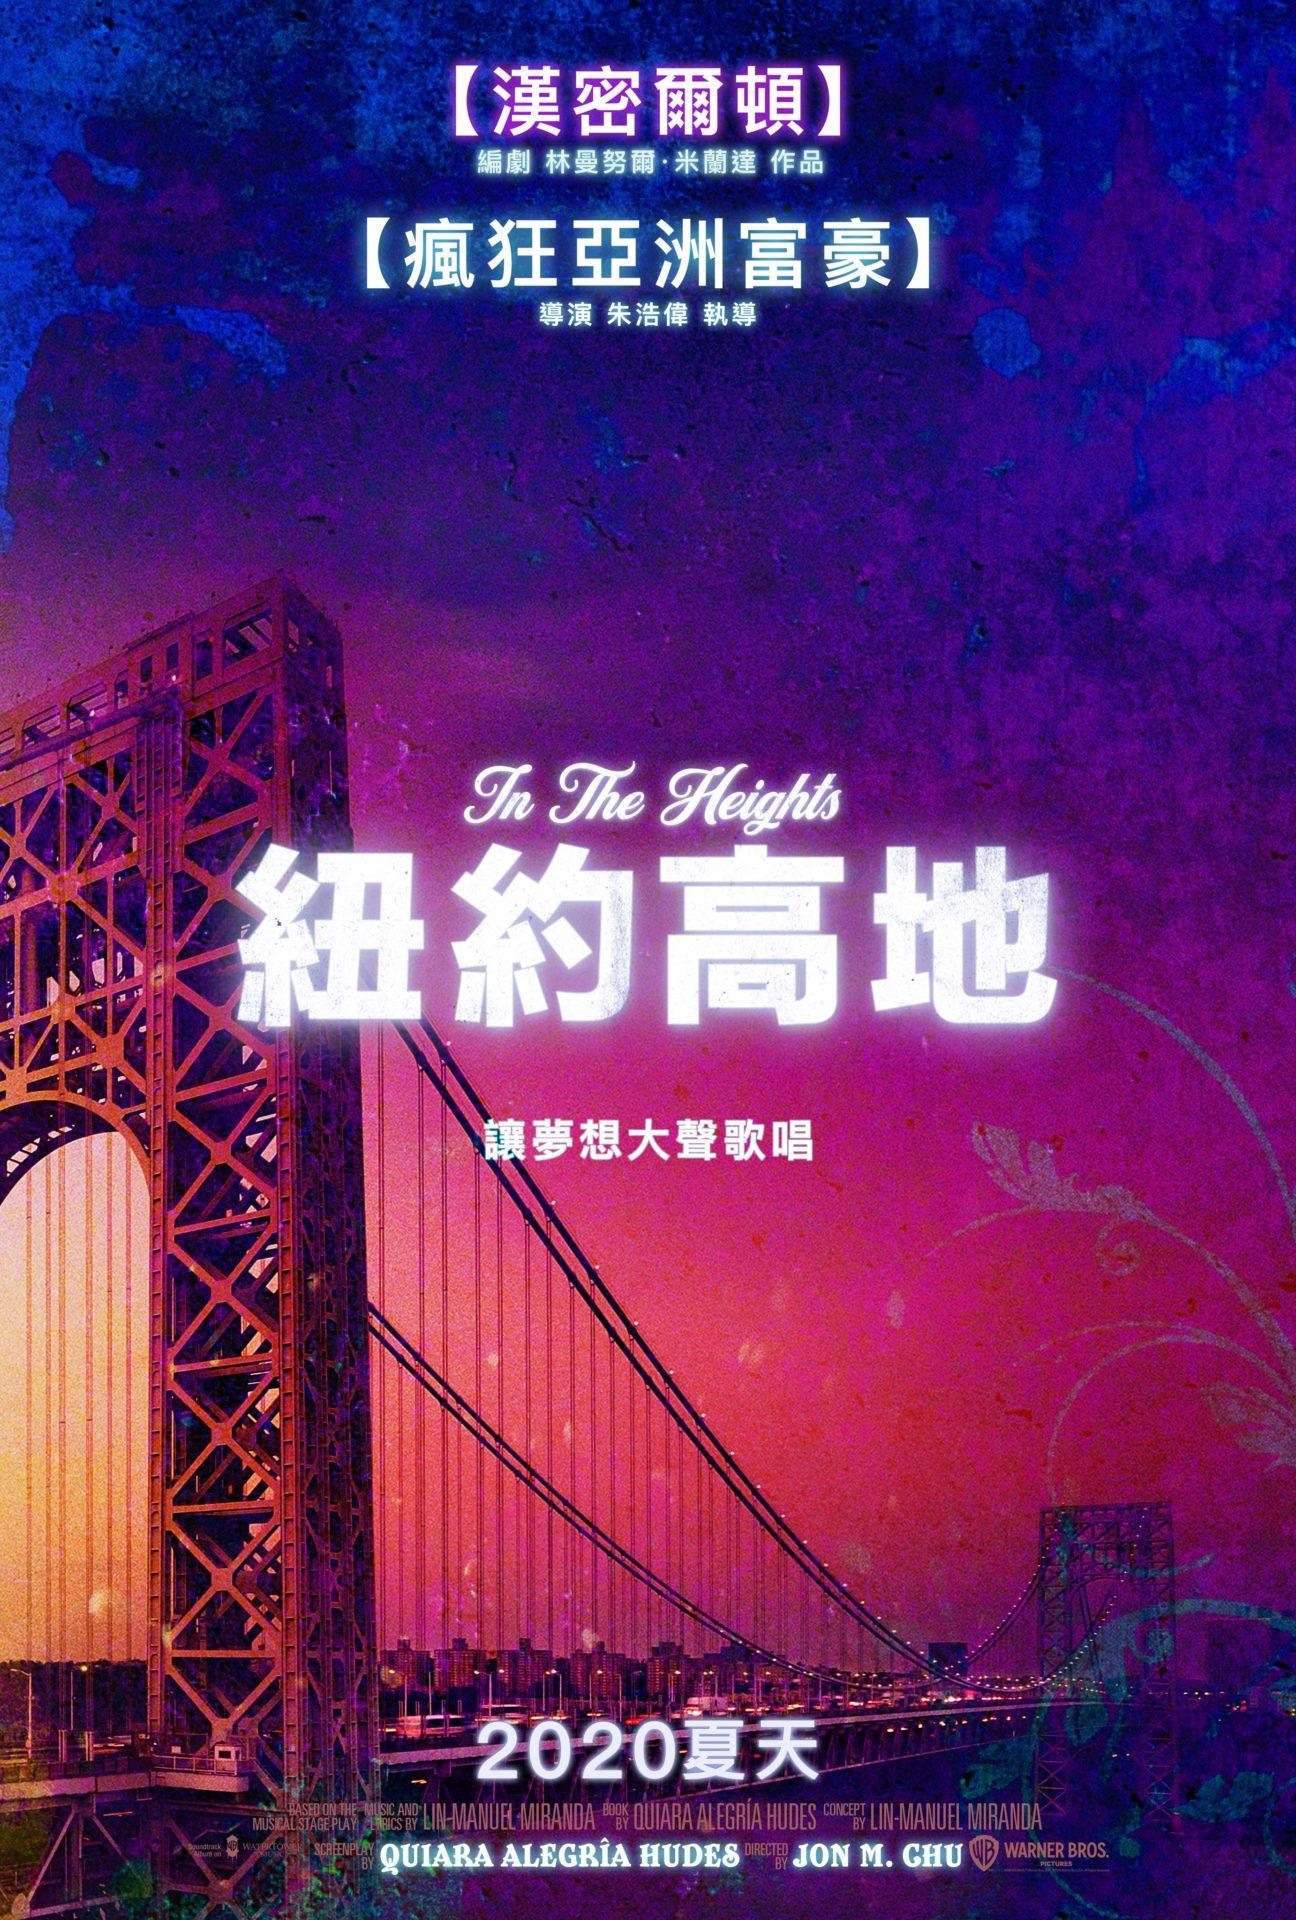 《紐約高地》改編自知名百老匯音樂劇 導演朱浩偉邀你讓夢想大聲歌唱